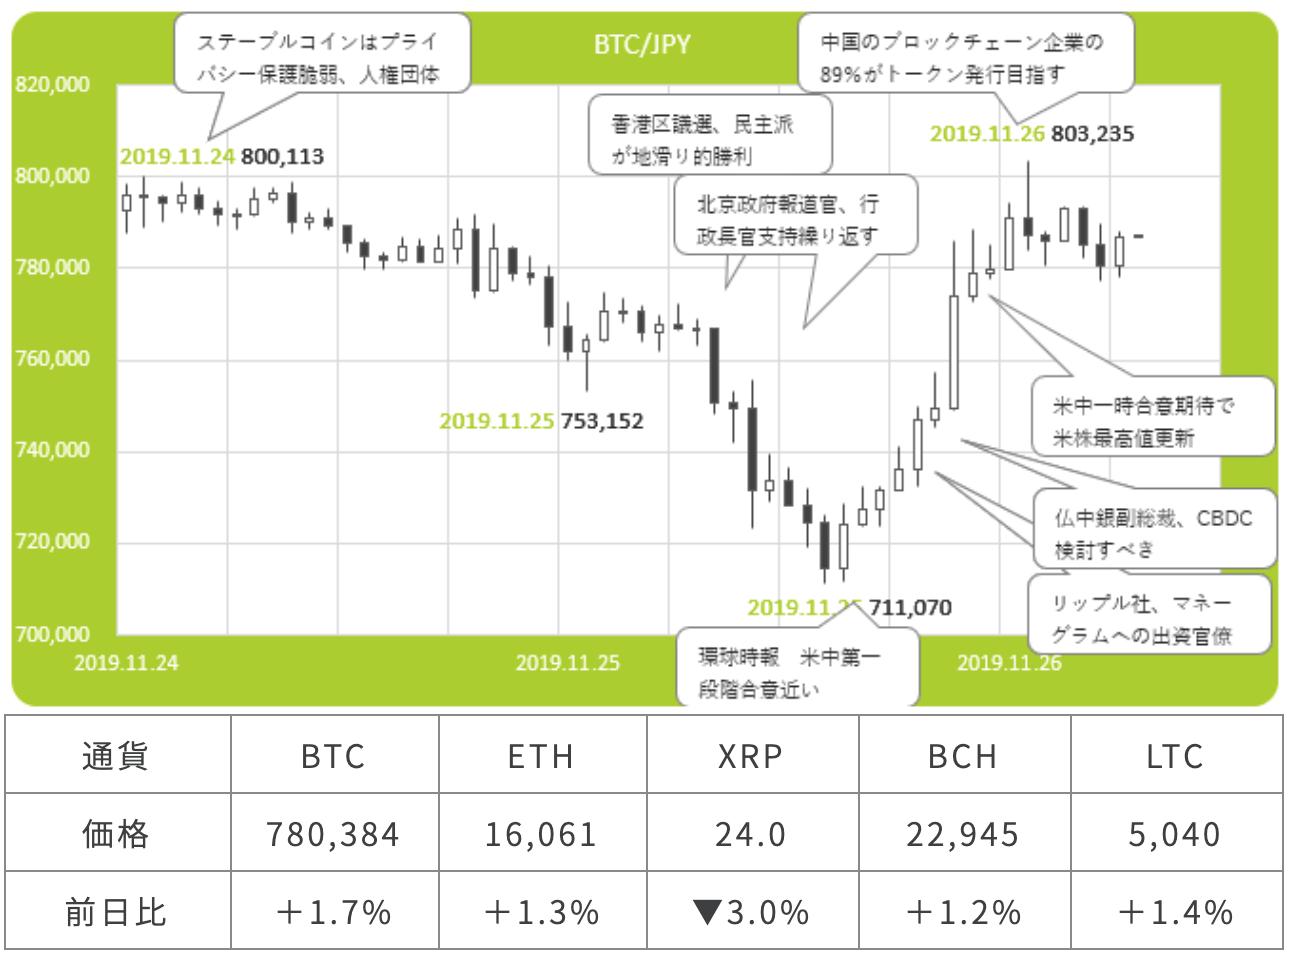 真相深層 仮想通貨 日本の個人マネー流入 ビットコイン 危うい急騰 投資尺度なく価格乱高下